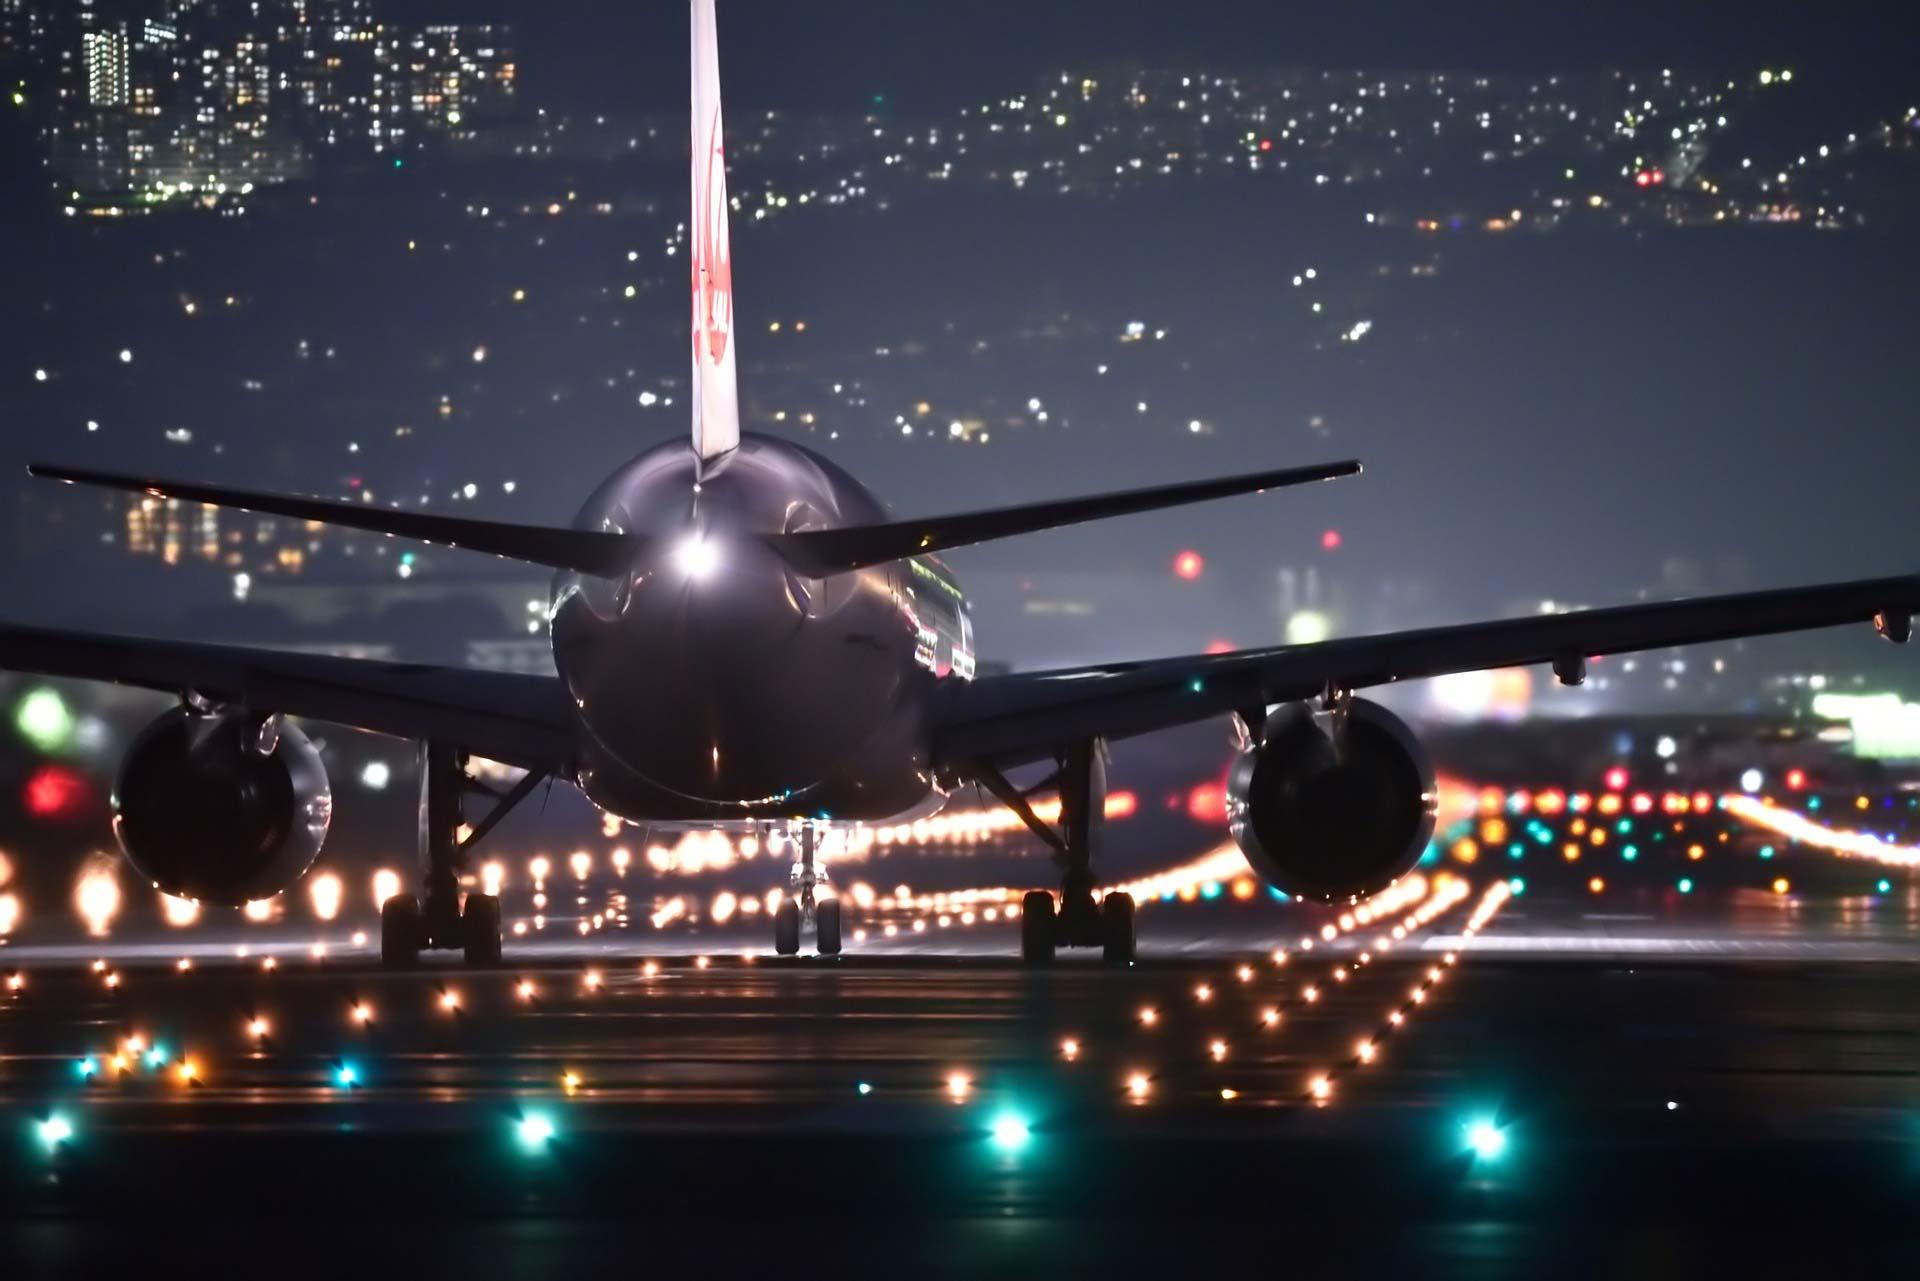 flugzeug_abflug_nacht